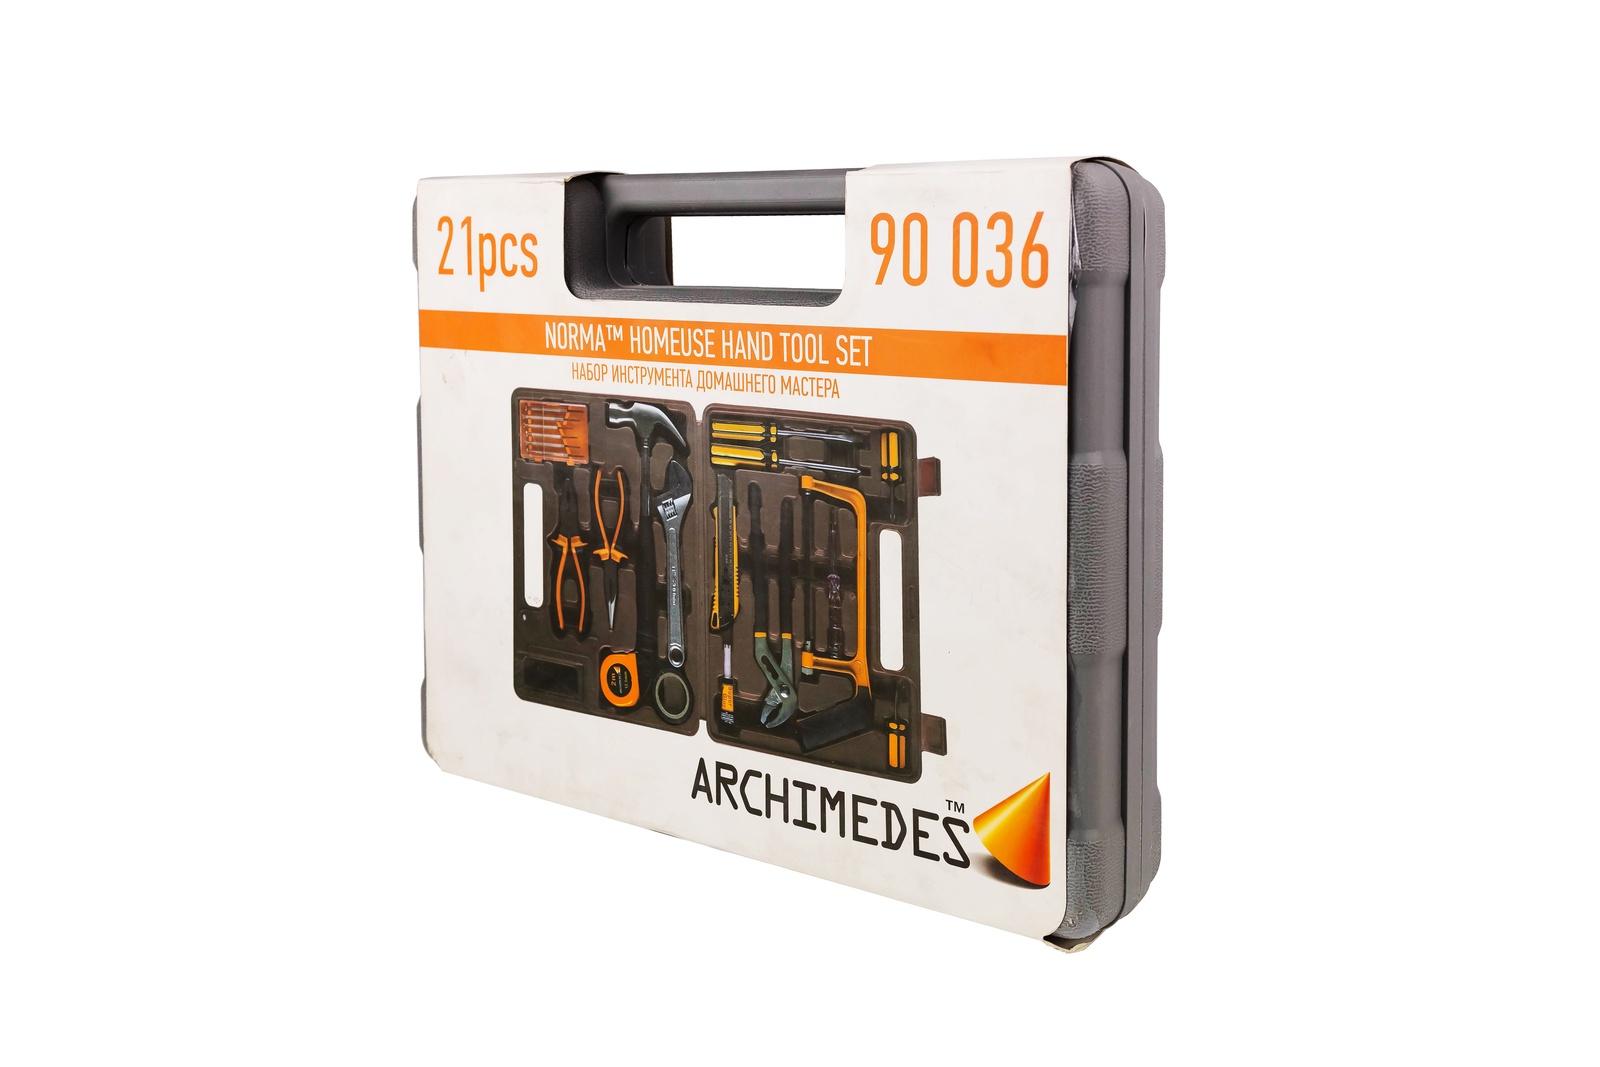 Набор инструментов Archimedes Набор инструмента Norma, 21 шт цена